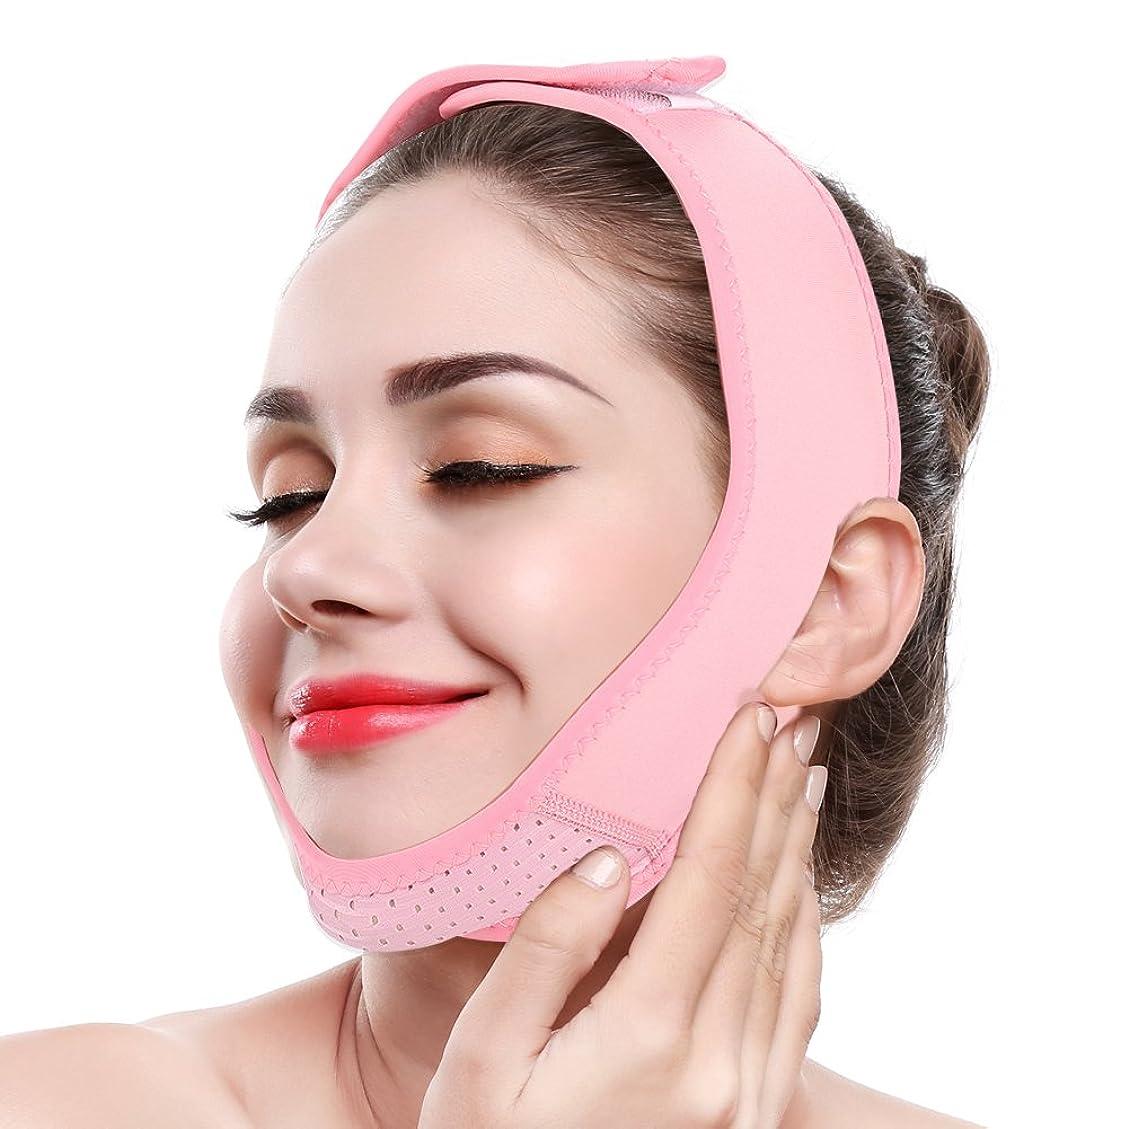 優れました情緒的論争的SoarUp フェイスベルト 引き上げマスク フェイスラインベルト 小顔 矯正 マスク 二重あご 美顔器